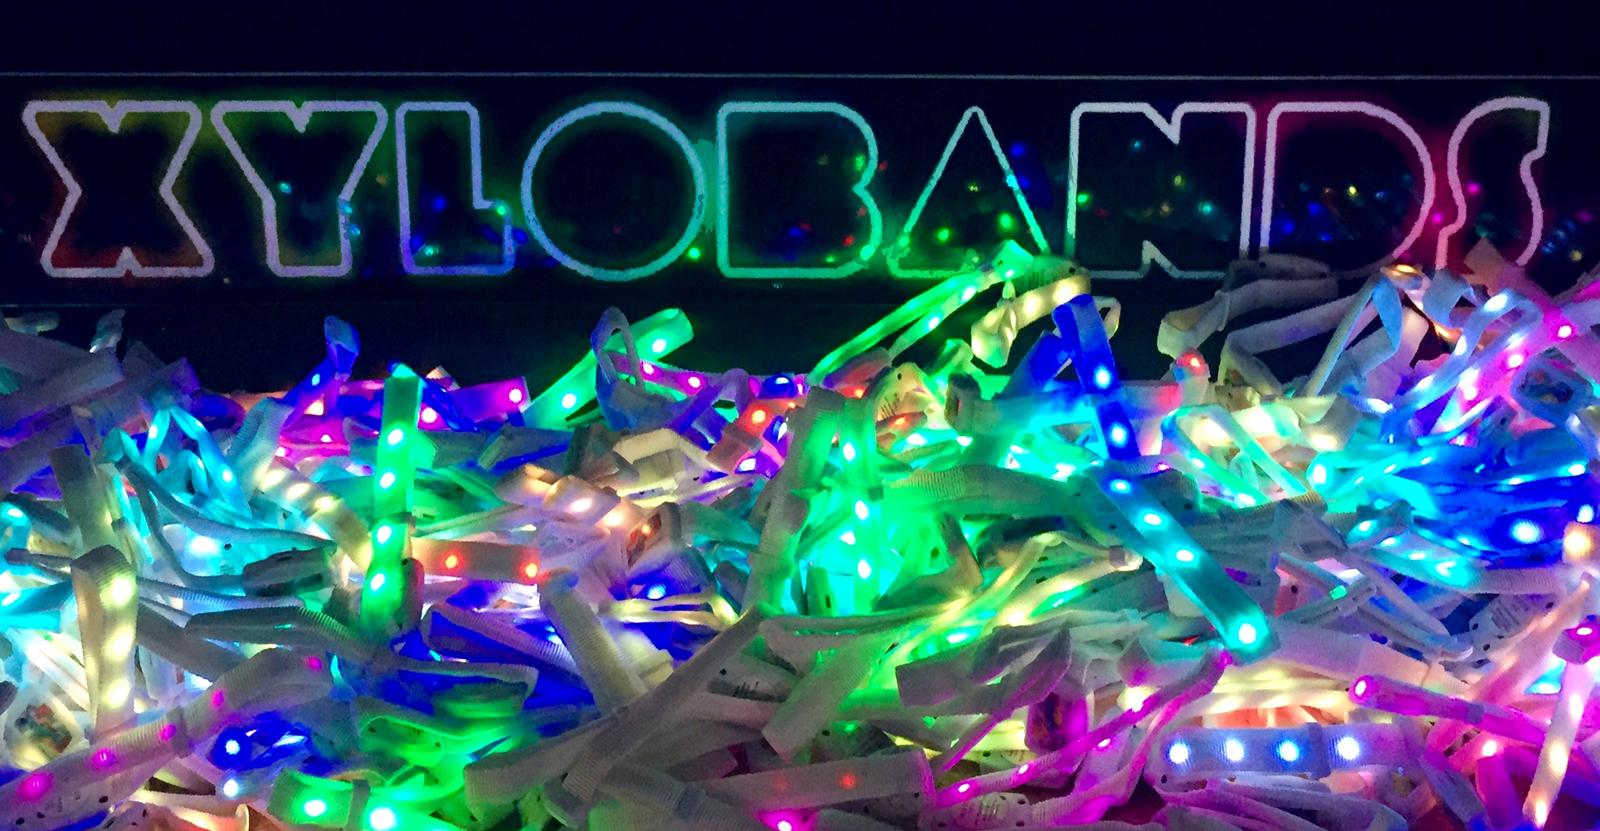 XYLOBANDS intelligent LED wristbands